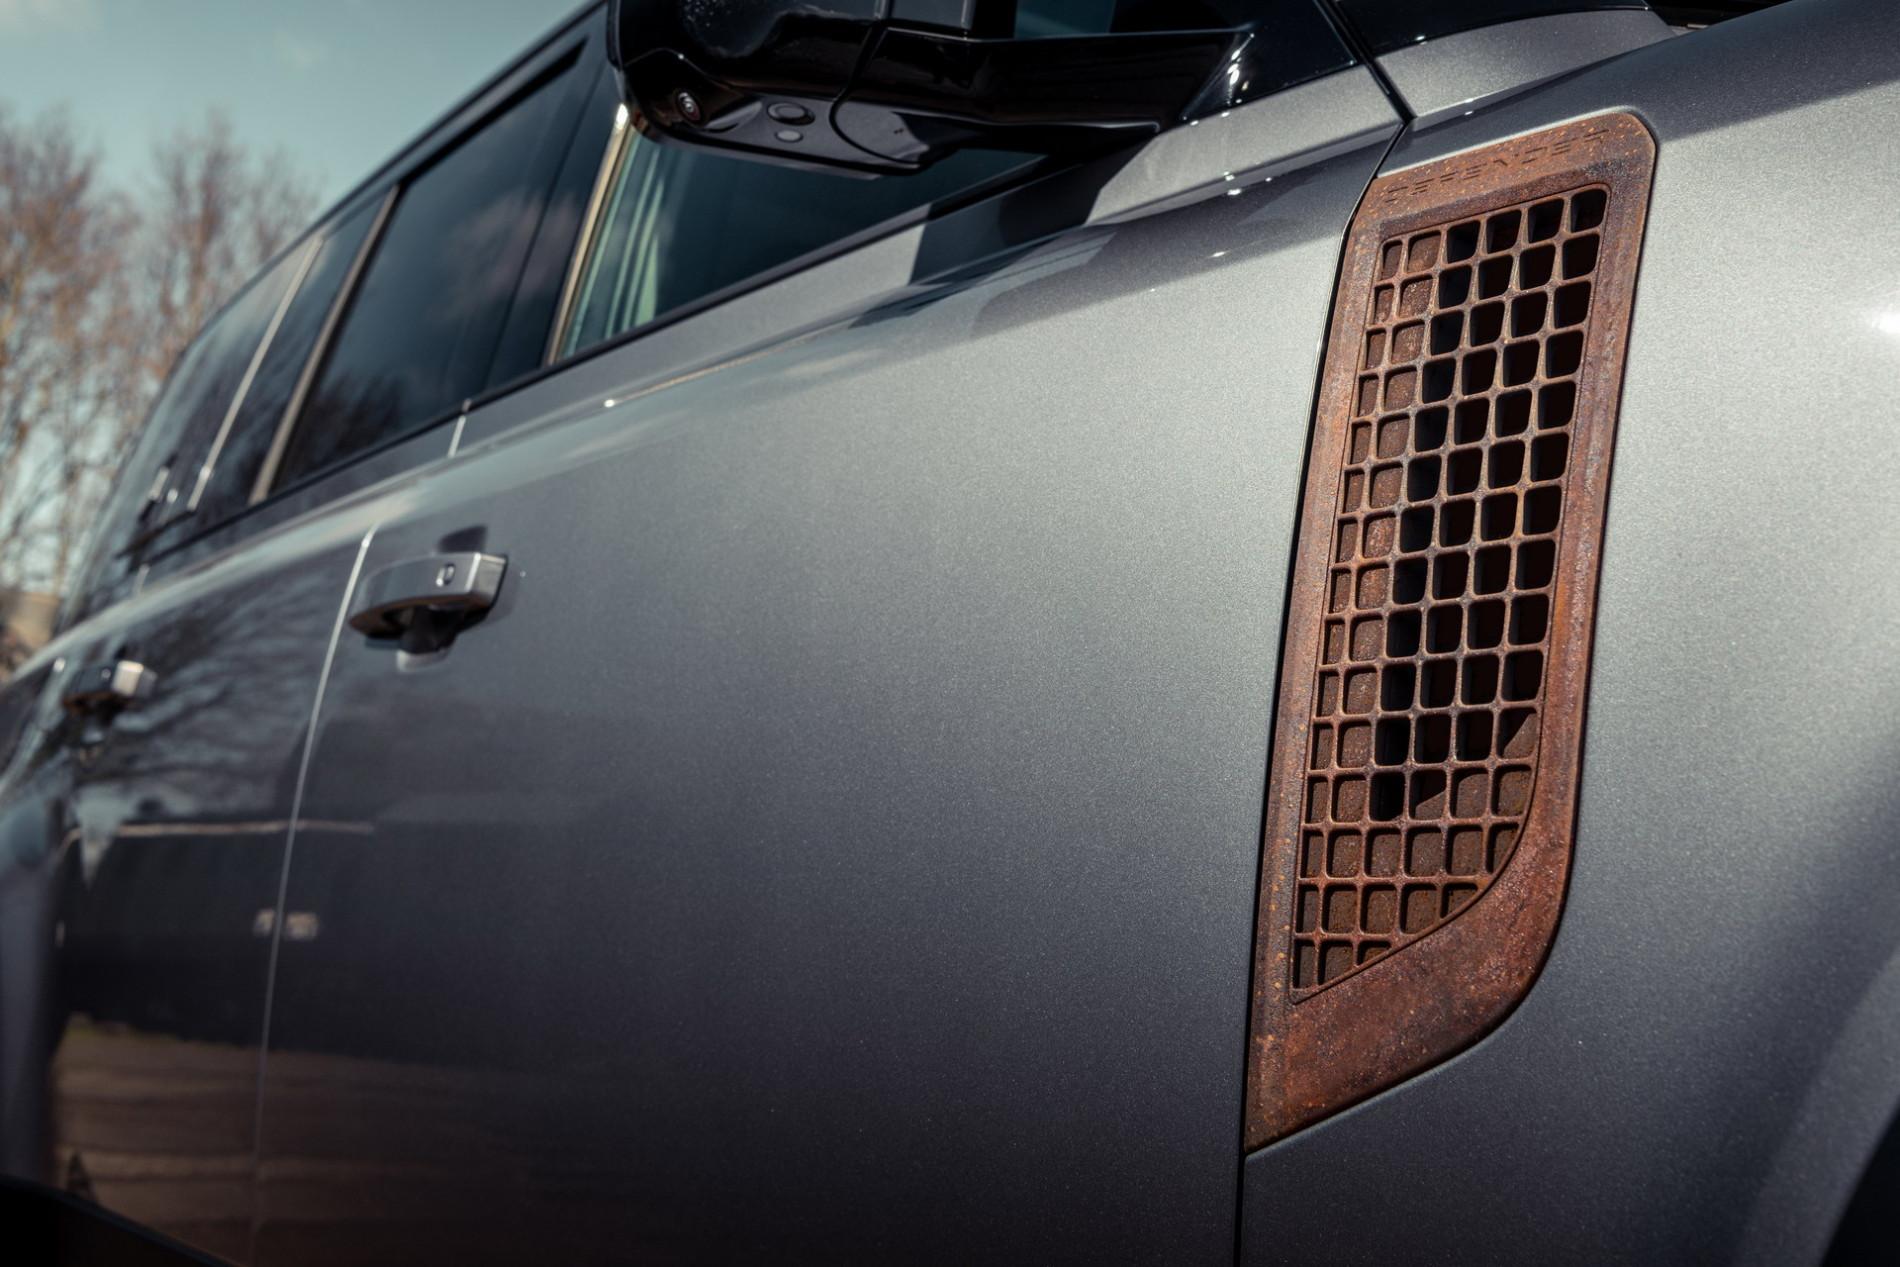 Land Rover Defender de la Heritage Customs - Land Rover Defender de la Heritage Customs